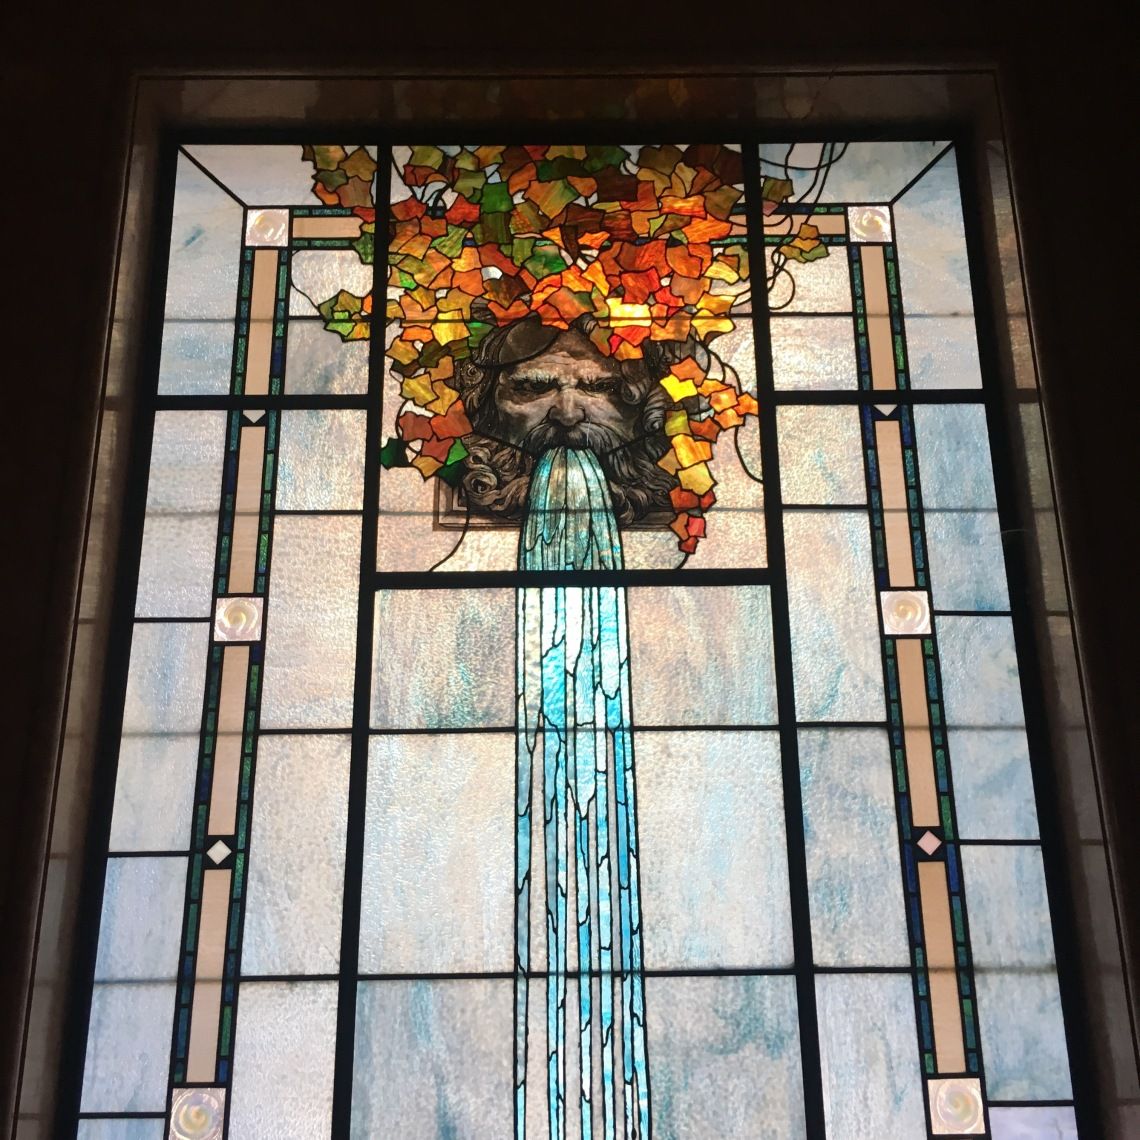 Finestra decorata dall'immagine del dio del fiume